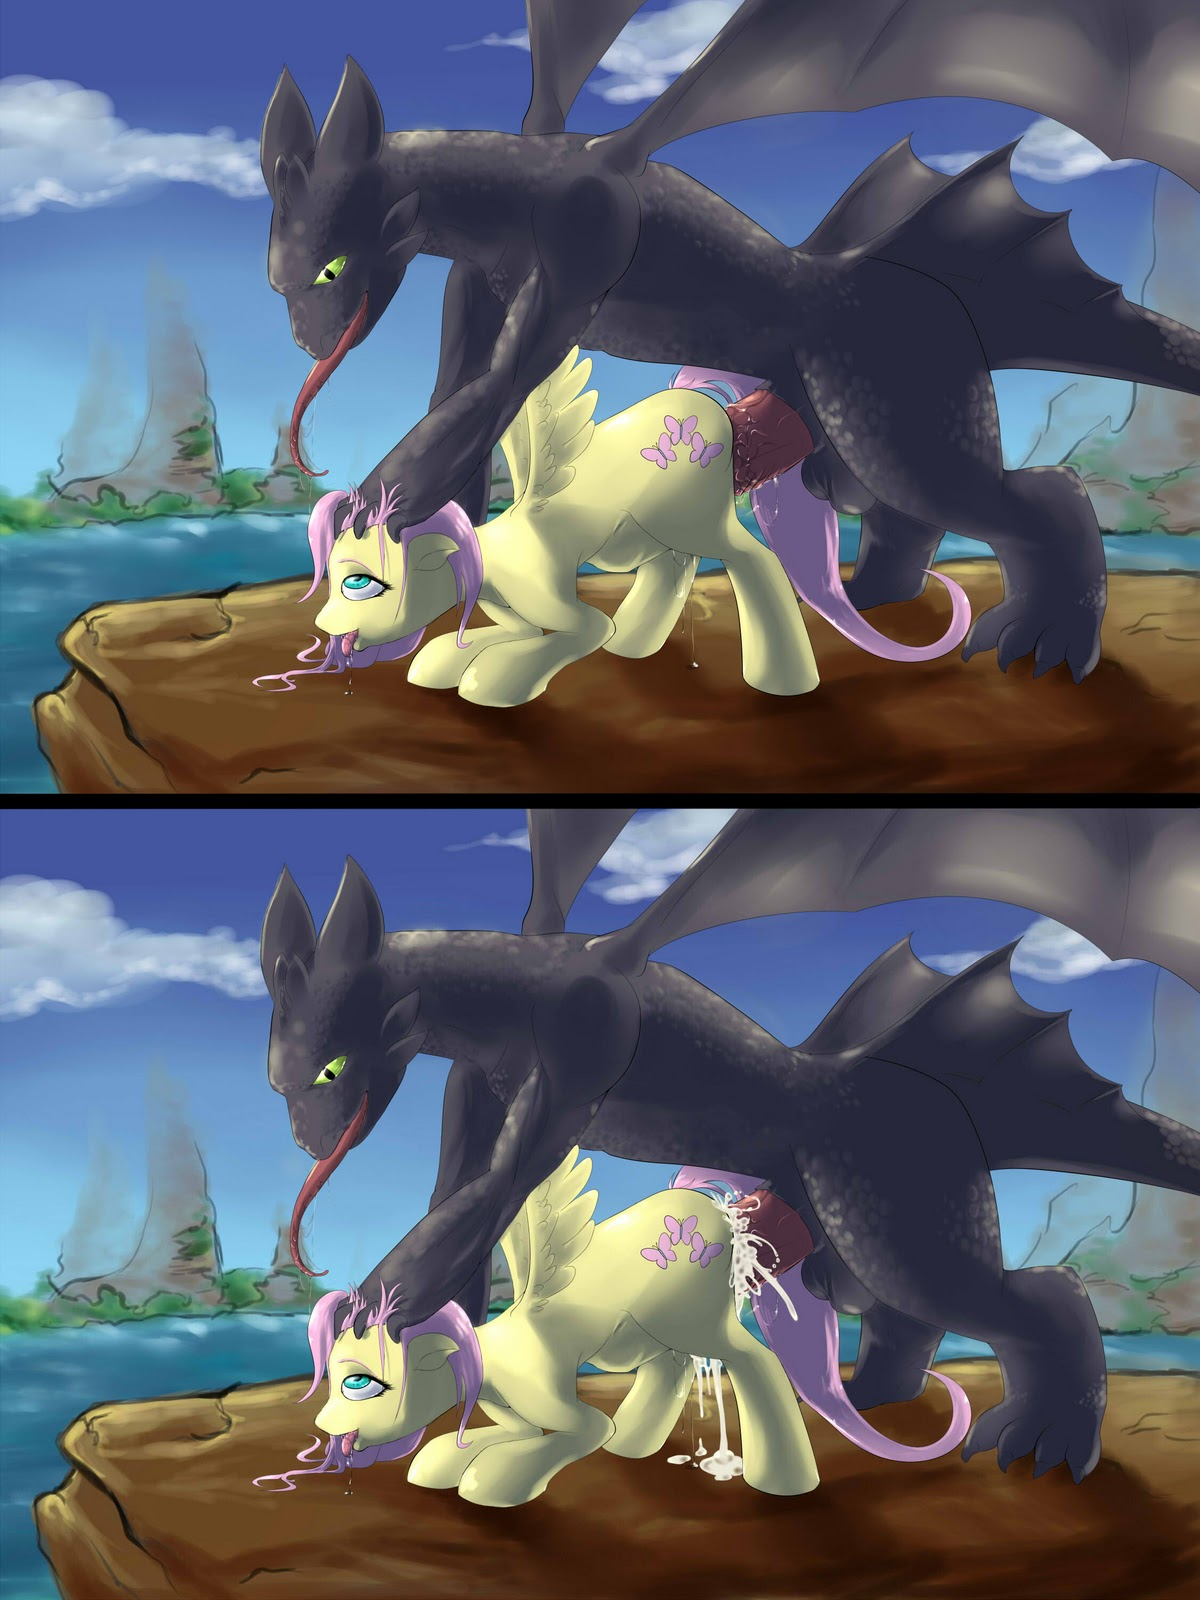 Dragon Furry Porn Horse - Furry porn dragons - MegaPornX.com